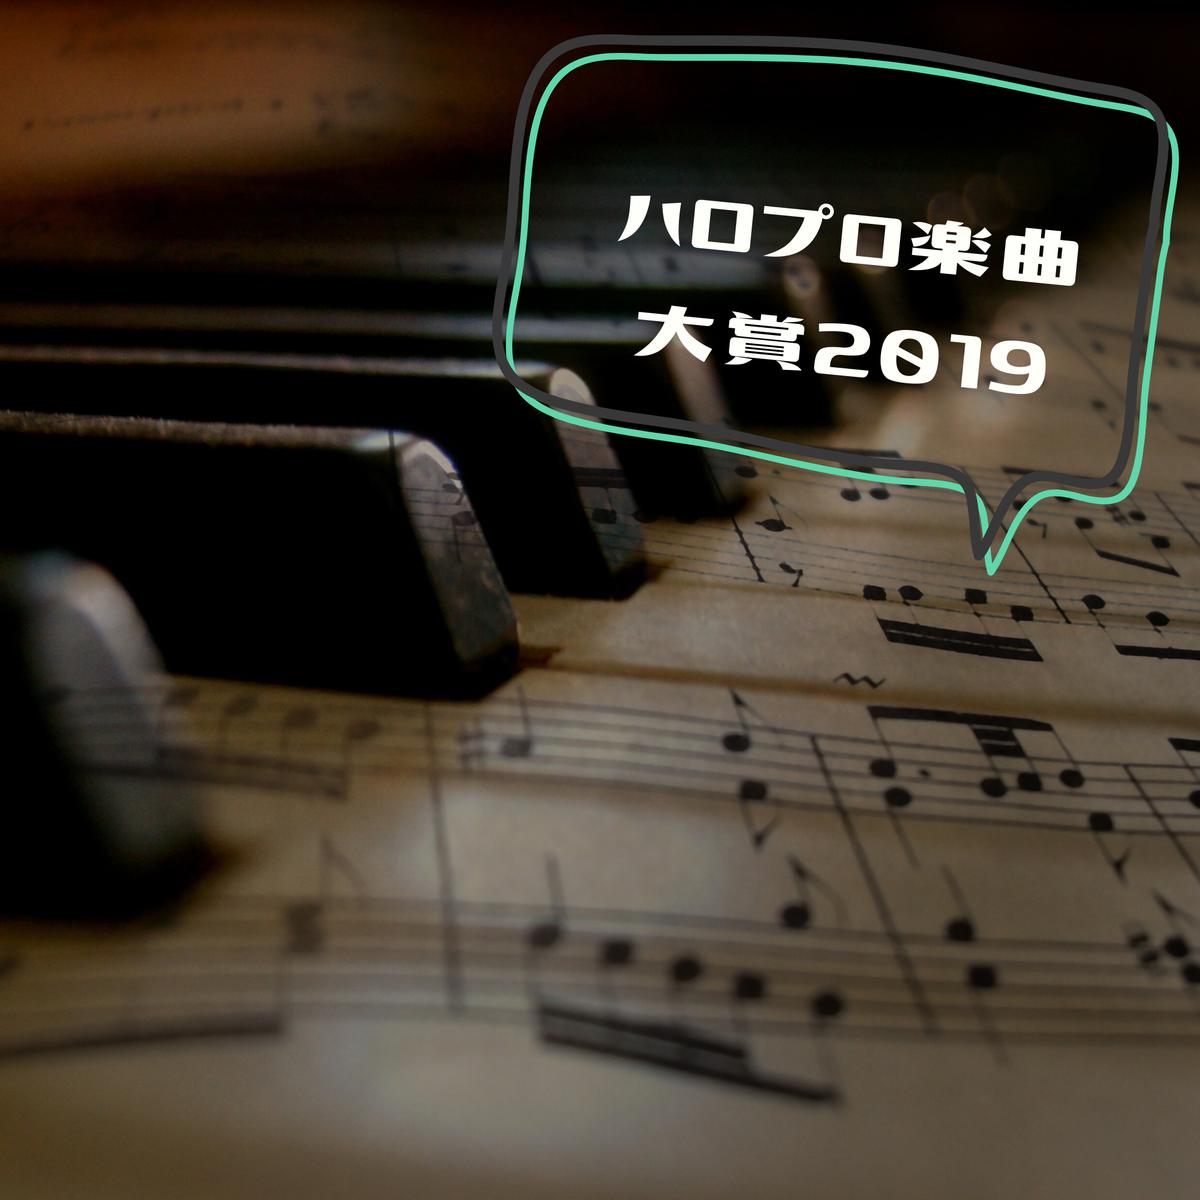 f:id:tsukino25:20191211120456p:plain